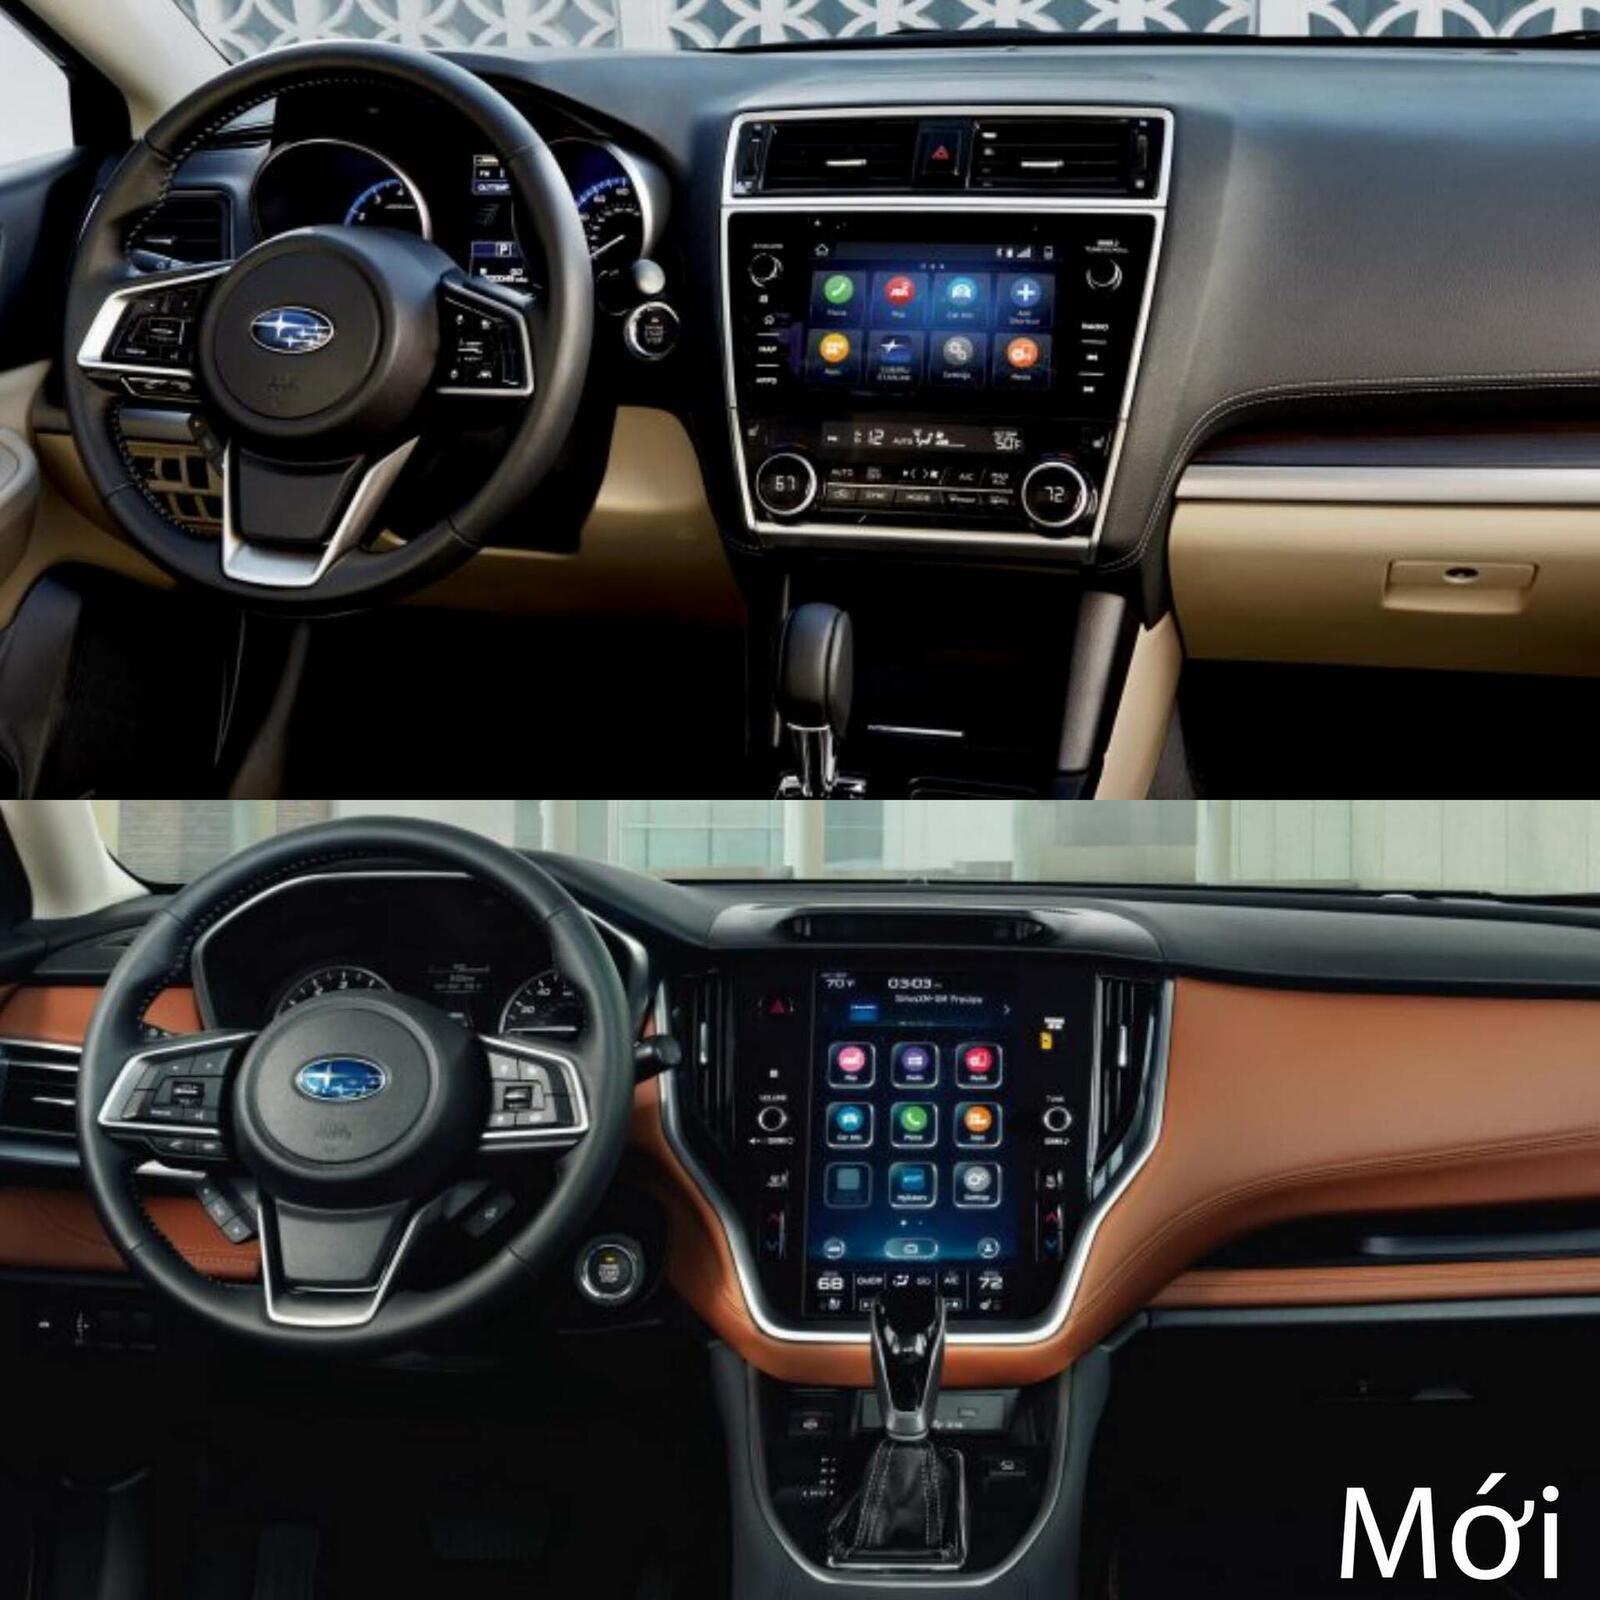 Sự khác biệt giữa Subaru Legacy thế hệ cũ và mới - Hình 7